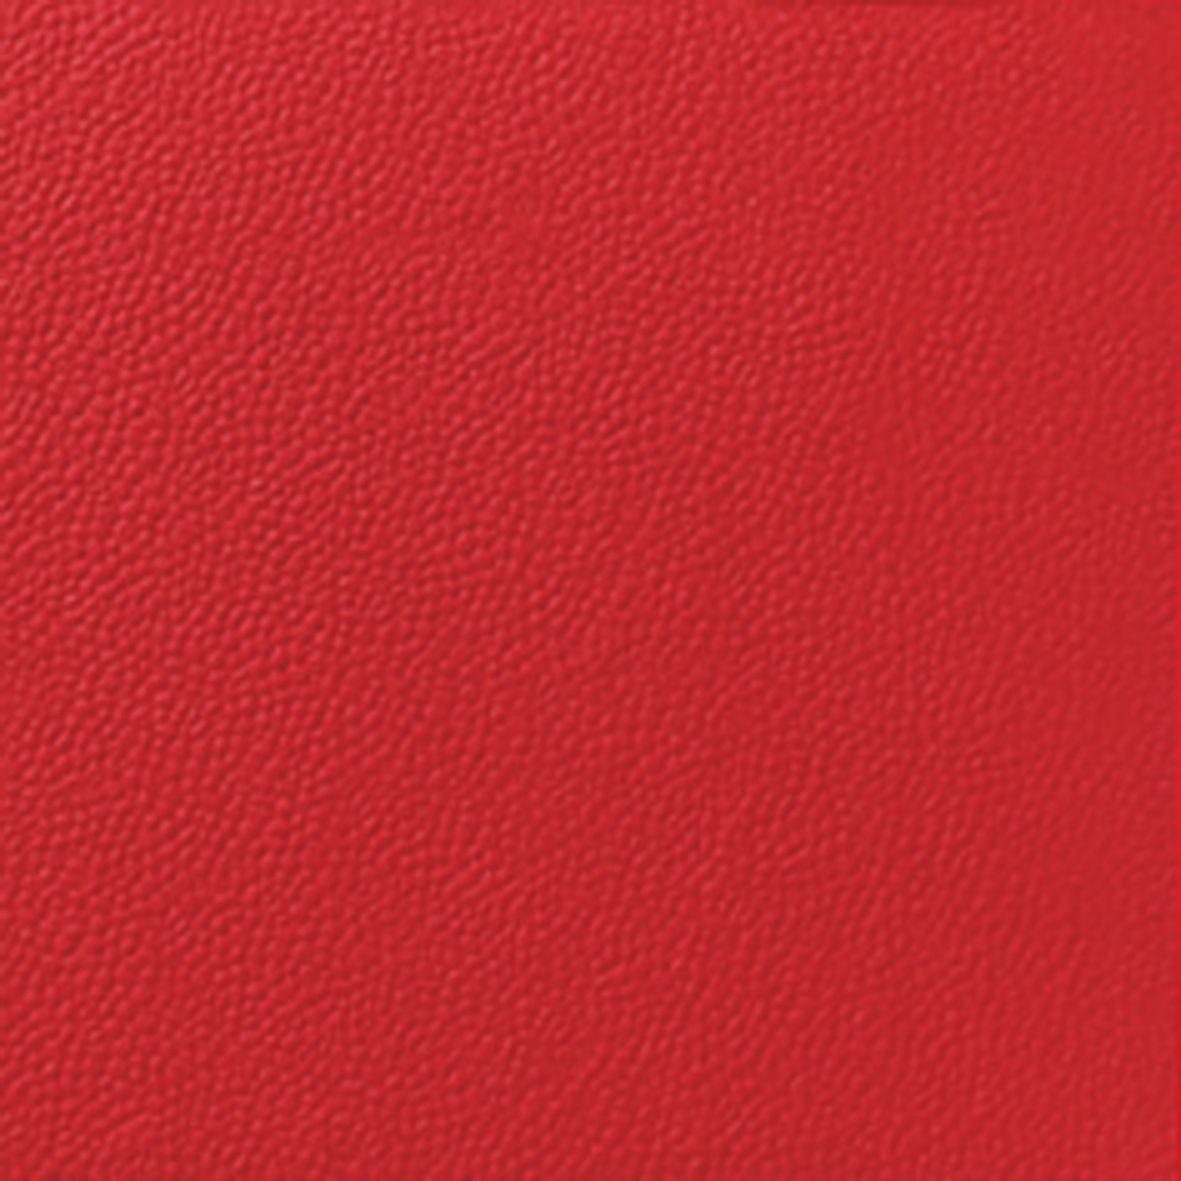 Салфетки бумажные Duni, 1-слойные, цвет: красный, 33 х 33 см, 80 шт бумажные салфетки duni салфетки бумажные 3 слойные 33 х 33 см белые 20 шт